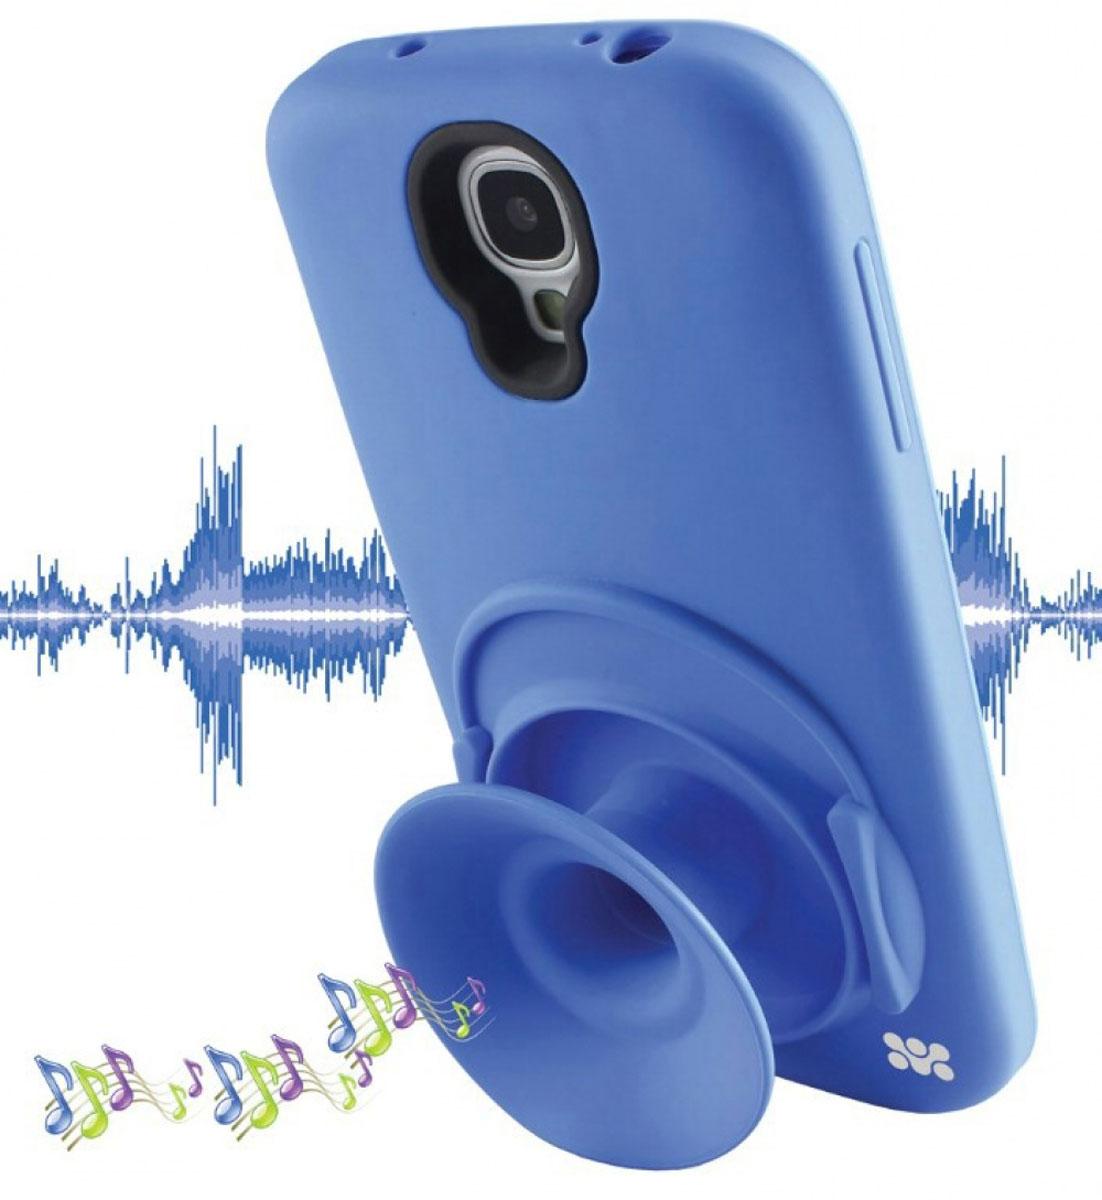 Promate Orator.S4 чехол-накладка для Samsung Galaxy S4, Blue00007740Чехол-накладка Promate Orator.S4 для Samsung Galaxy S4 - это целый комплекс функций, заключенных в кремниево-силиконовом корпусе. Orator-S4 обеспечивает надежную защиту вашего смартфона от царапин, сколов, потертостей и прочих неприятностей. Раскладной силиконовый рупор усиливает штатный звук смартфона в 2 раза, а также является бобиной для наматывания и хранения наушников, исключая их запутывание и скручивание. Чехол может быть использован в качестве вертикальной подставки. Orator-S4 идеально подходит для любителей слушать музыку с телефона.